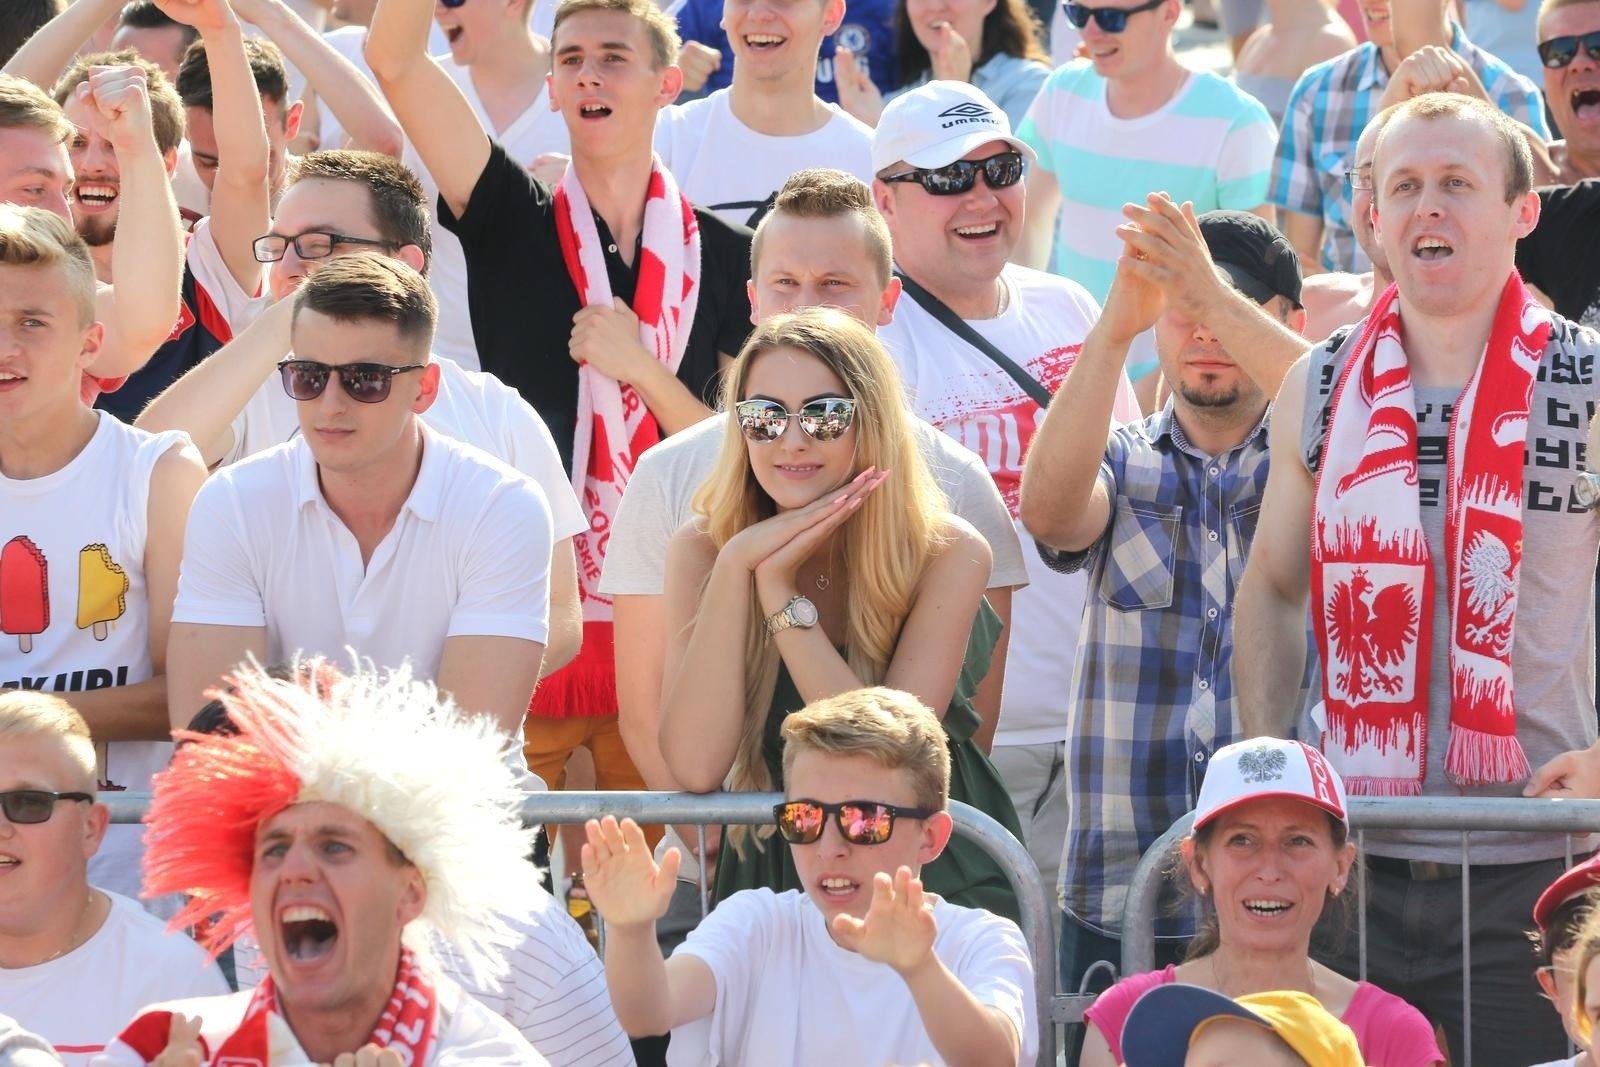 7af6fb310 Strefa kibica w Szczecinie podczas Mistrzostw Świata w piłce nożnej.  Wspólne emocje przy wielkim ekranie! | Głos Szczeciński